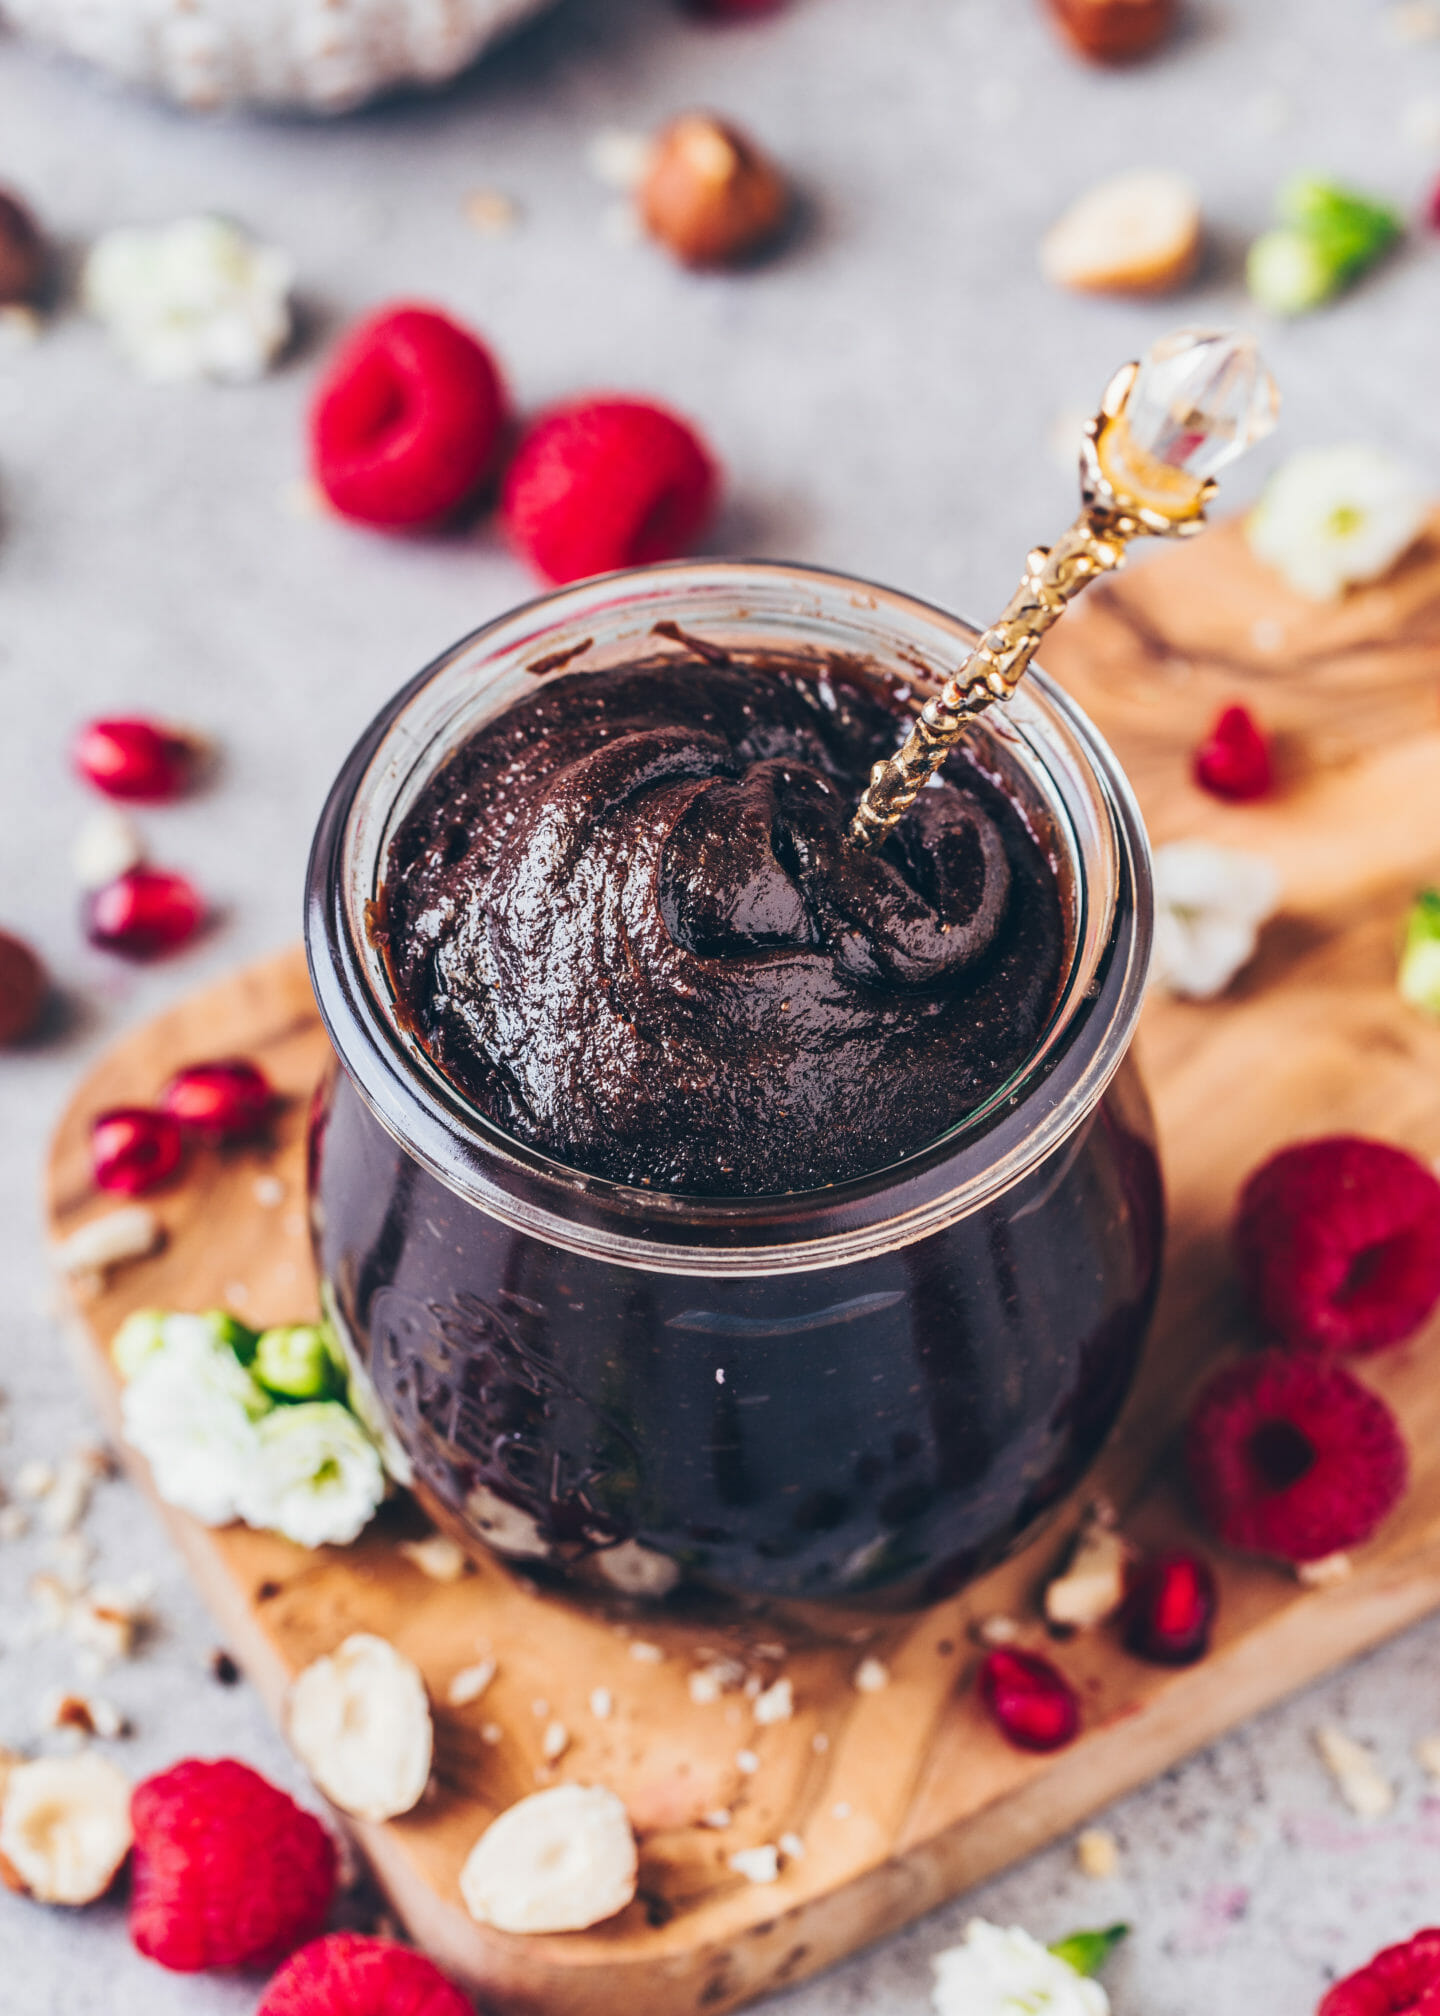 Vegane Nutella, Nuss-Nougat-Creme, Schoko-Haselnuss-Aufstrich (Rezept, selbstgemacht, einfach)